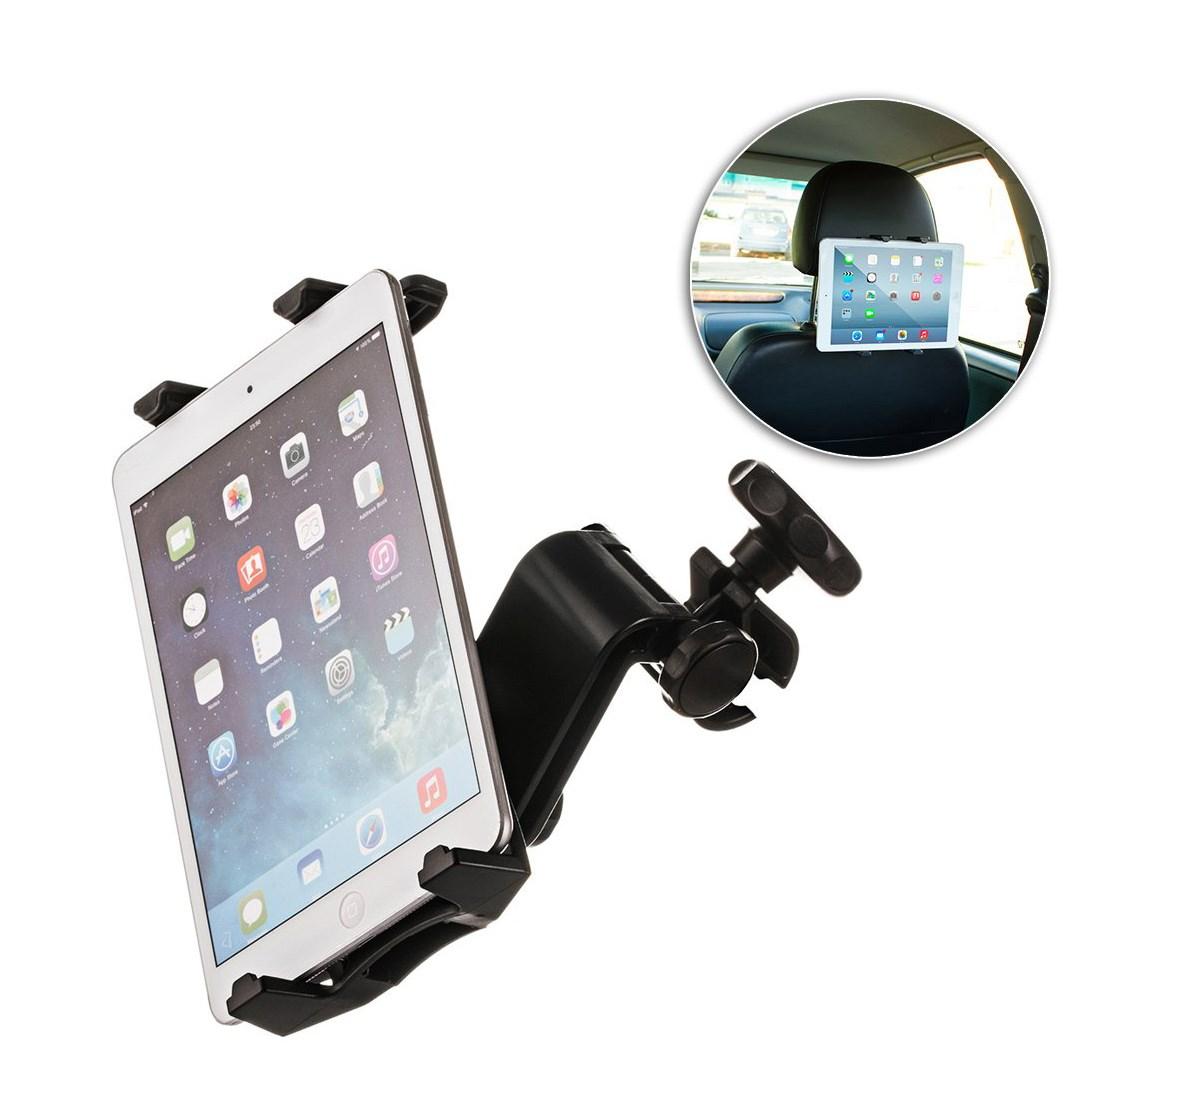 """Βάση Tablet universal για κάθισμα αυτοκινήτου, 10.1"""", 21cm 360° , μαύρη - UNBRANDED 22342"""